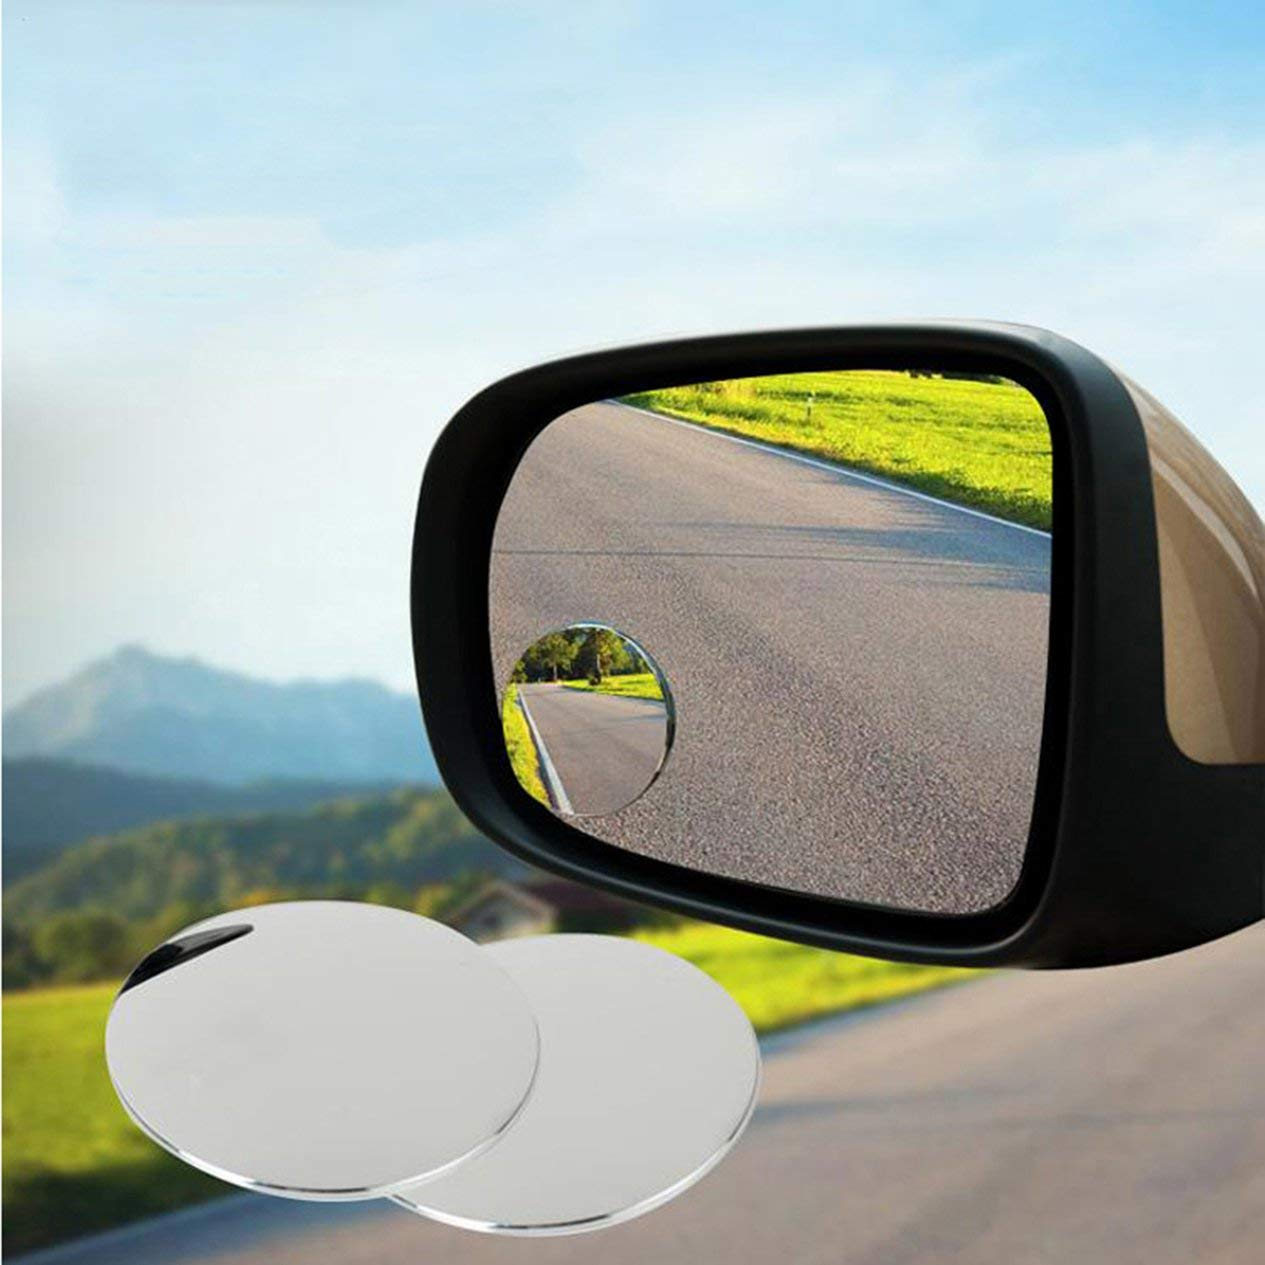 EdBerk74 Autozubeh/ör Kleiner runder Spiegel Auto-R/ückspiegel Blinder Fleck Weitwinkelobjektiv 360-Grad-Drehung einstellbar